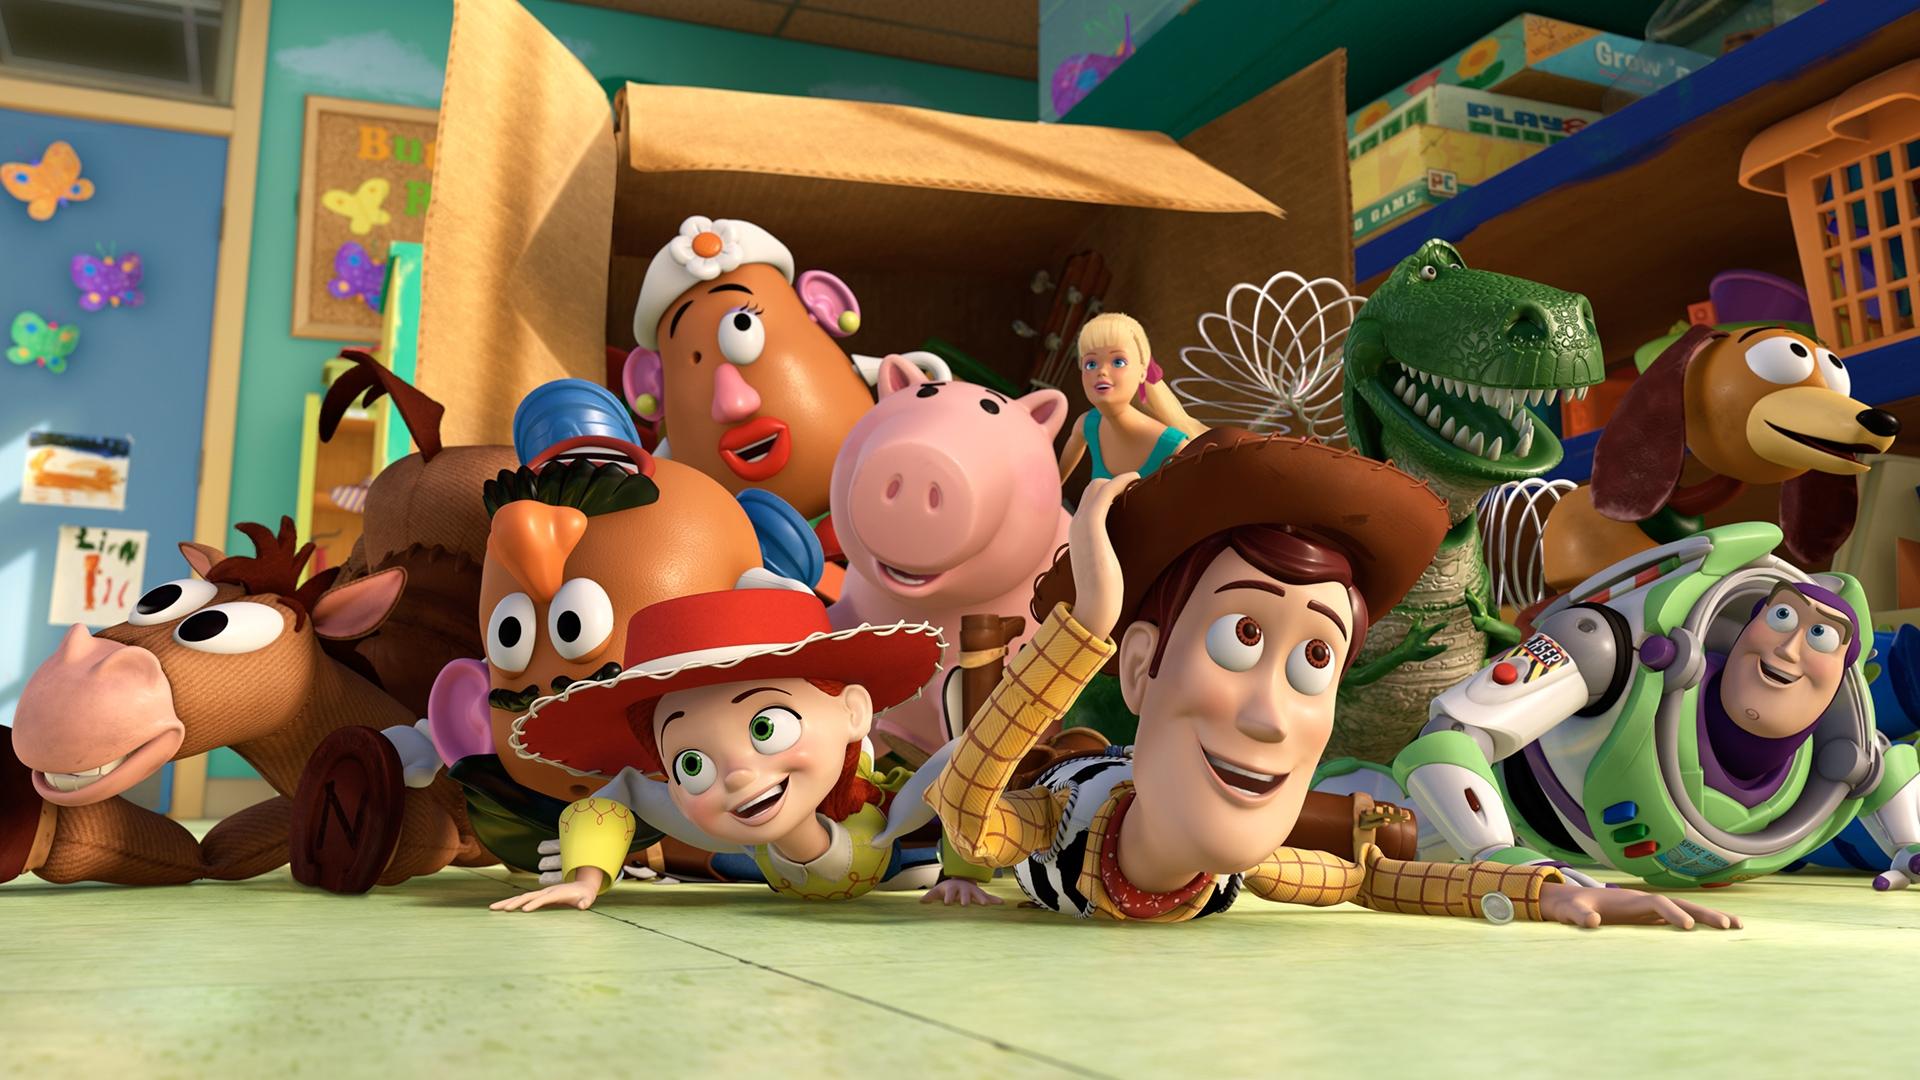 A trilogia Toy Story é repleta de easter eggs - Divulgação/ND